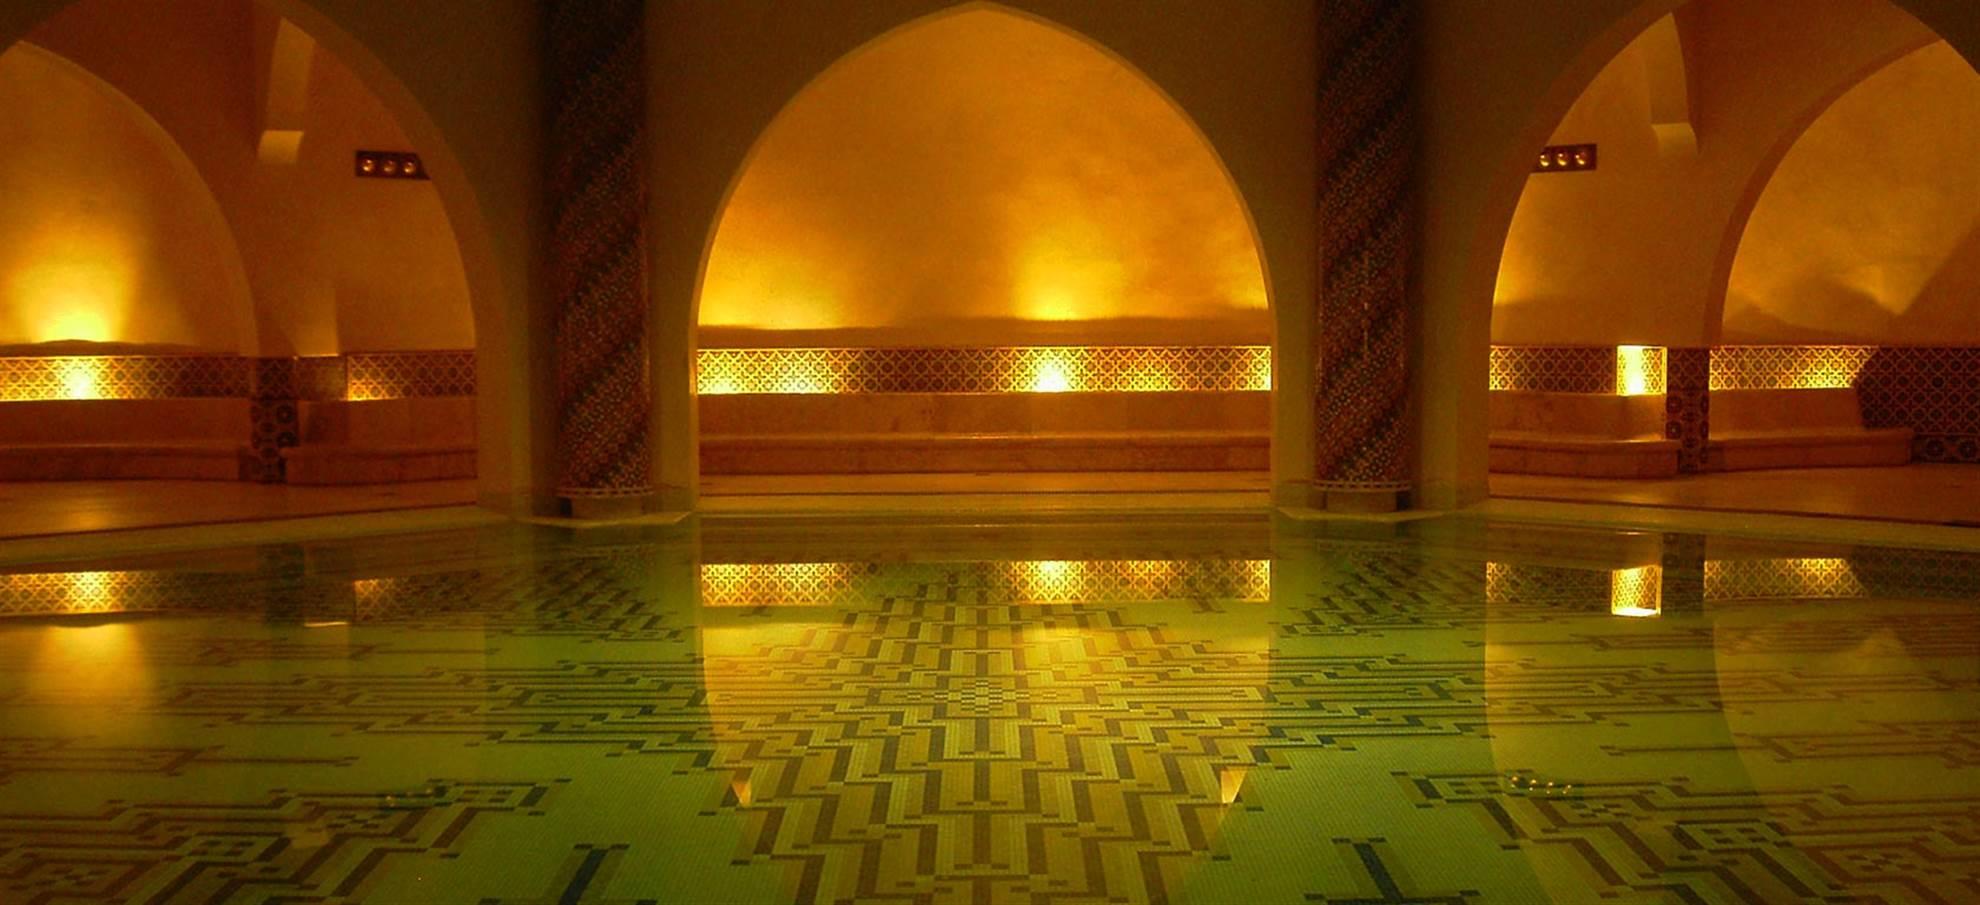 Bäder des Hammam Al Andalus